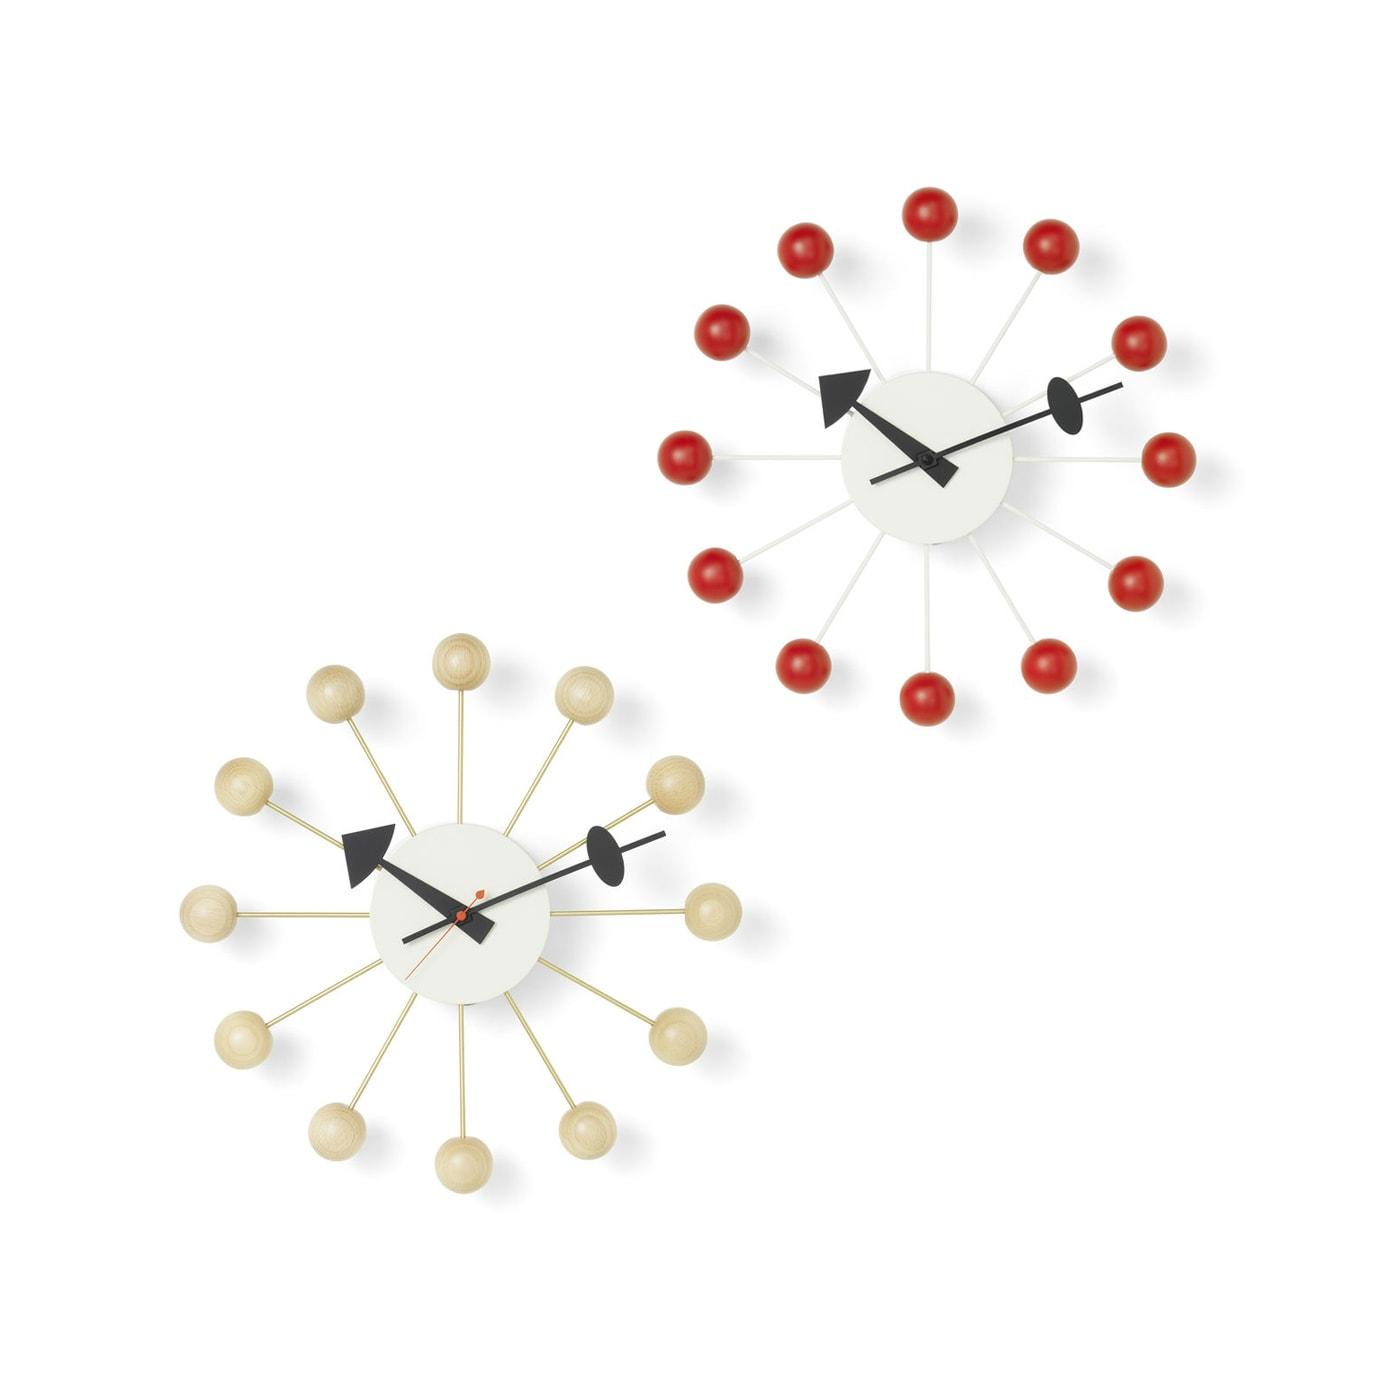 vitra ball clock orologio da parete - vendita online